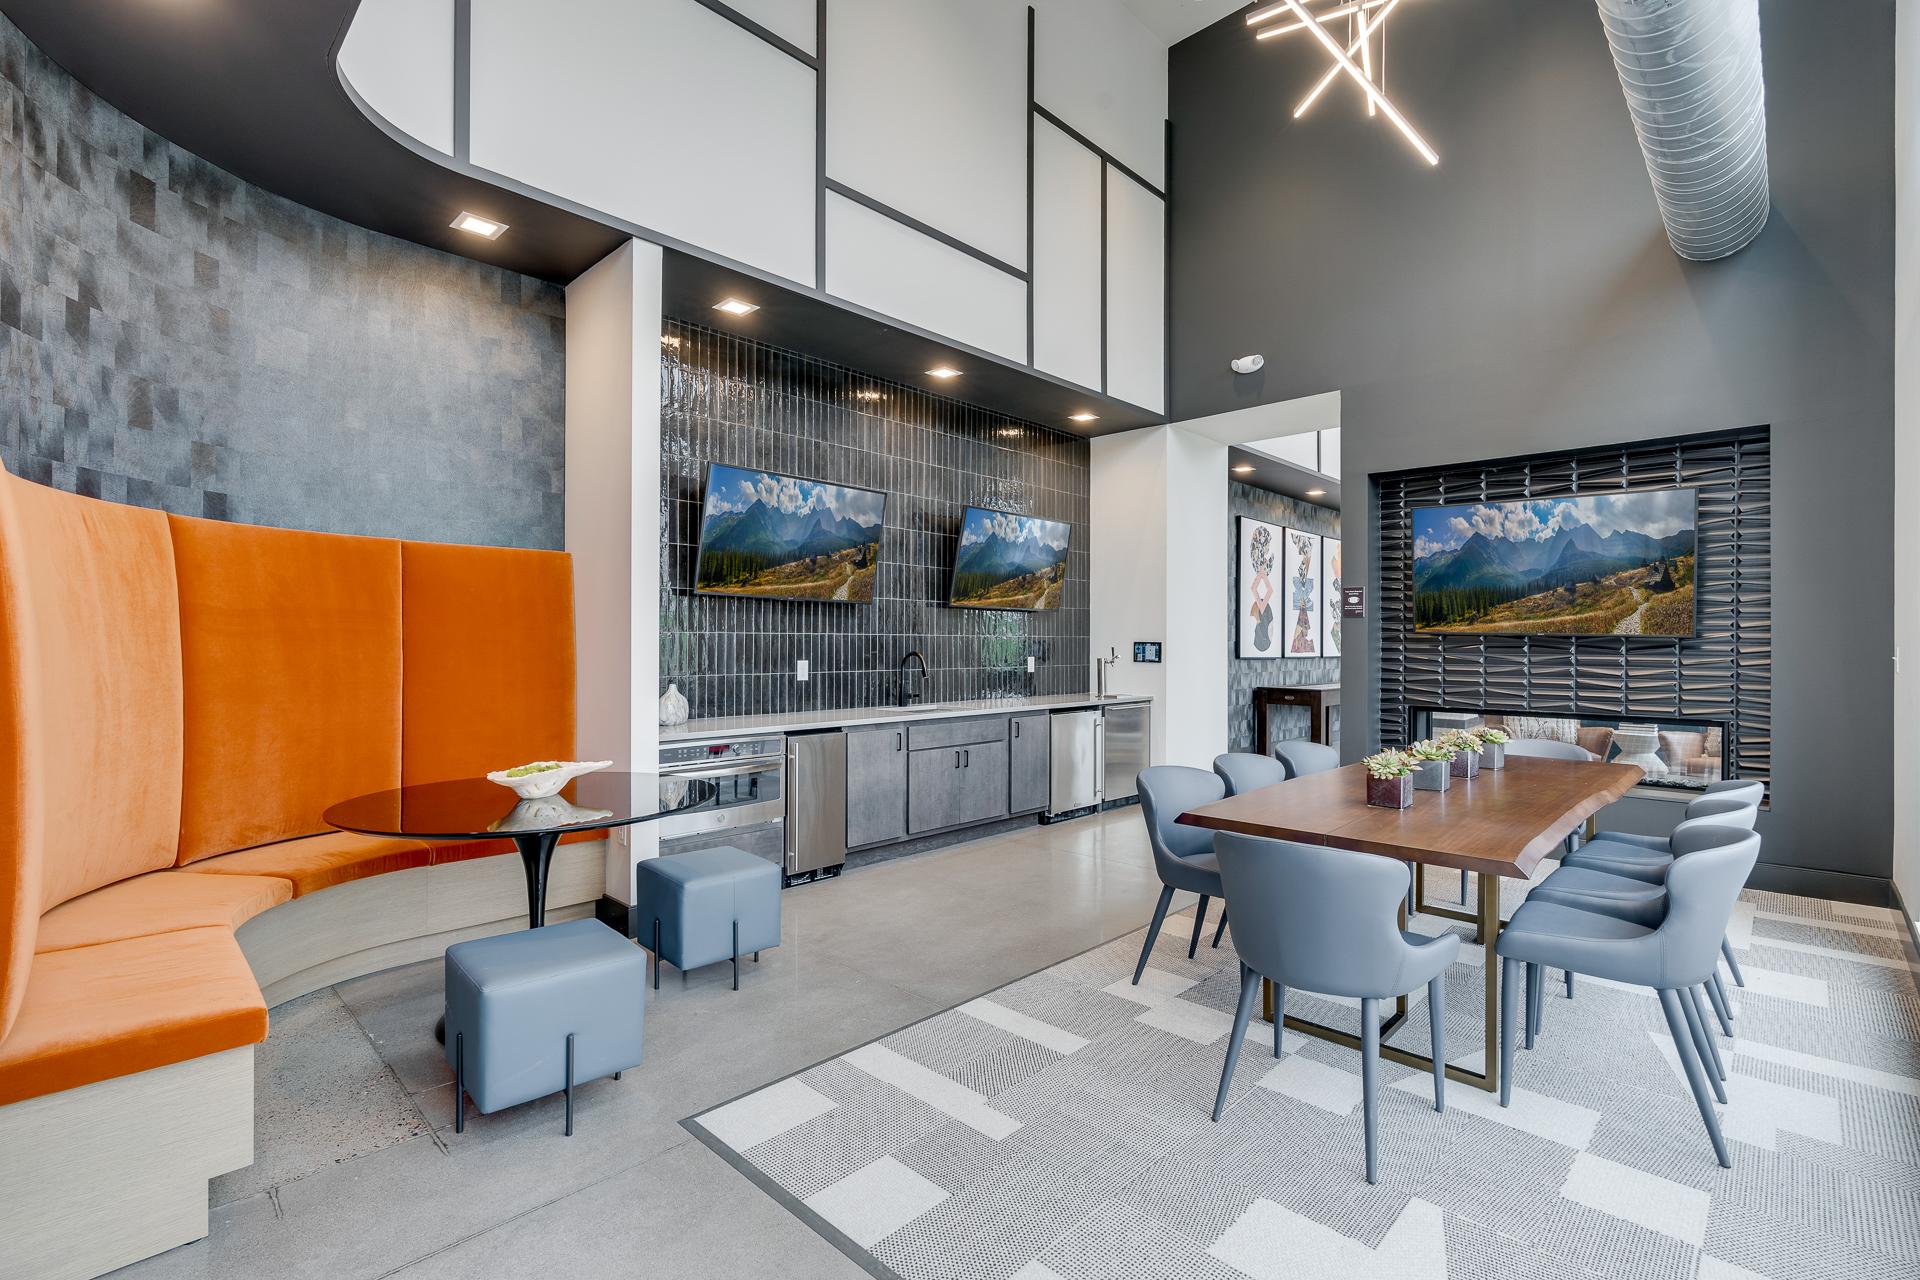 gal-2-first-floor-lounge.jpg